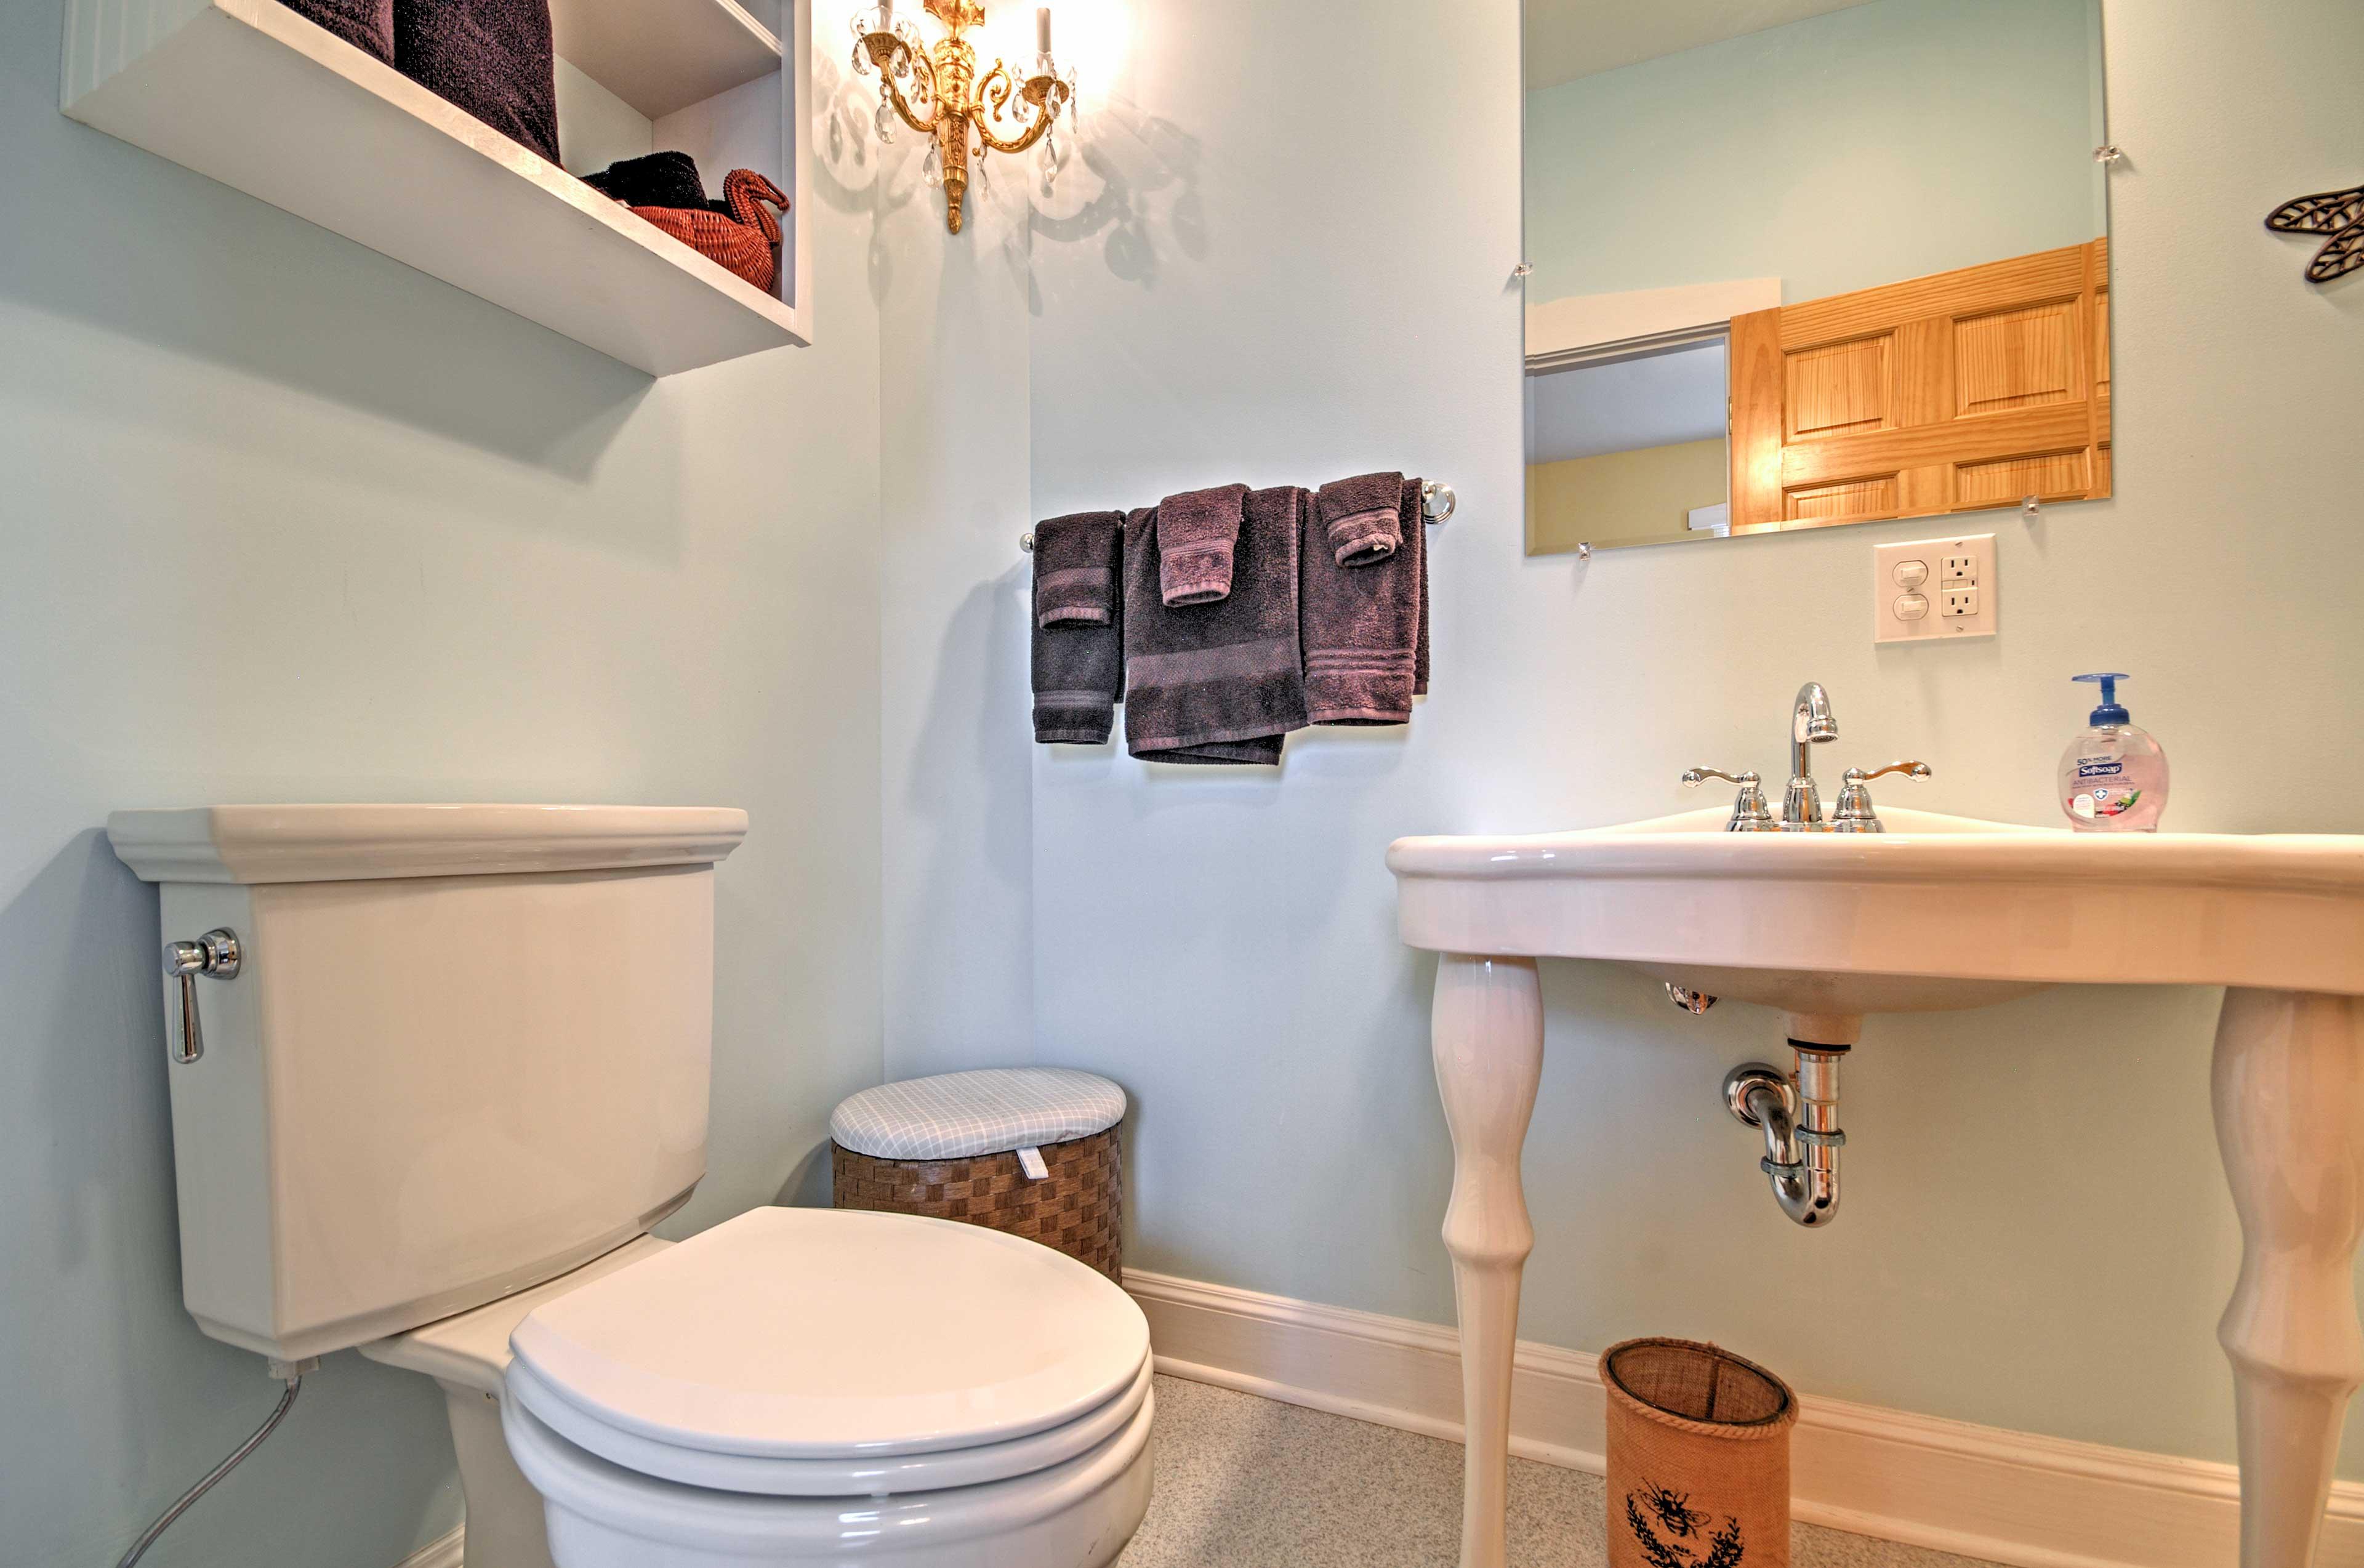 The home has 1 bathroom.